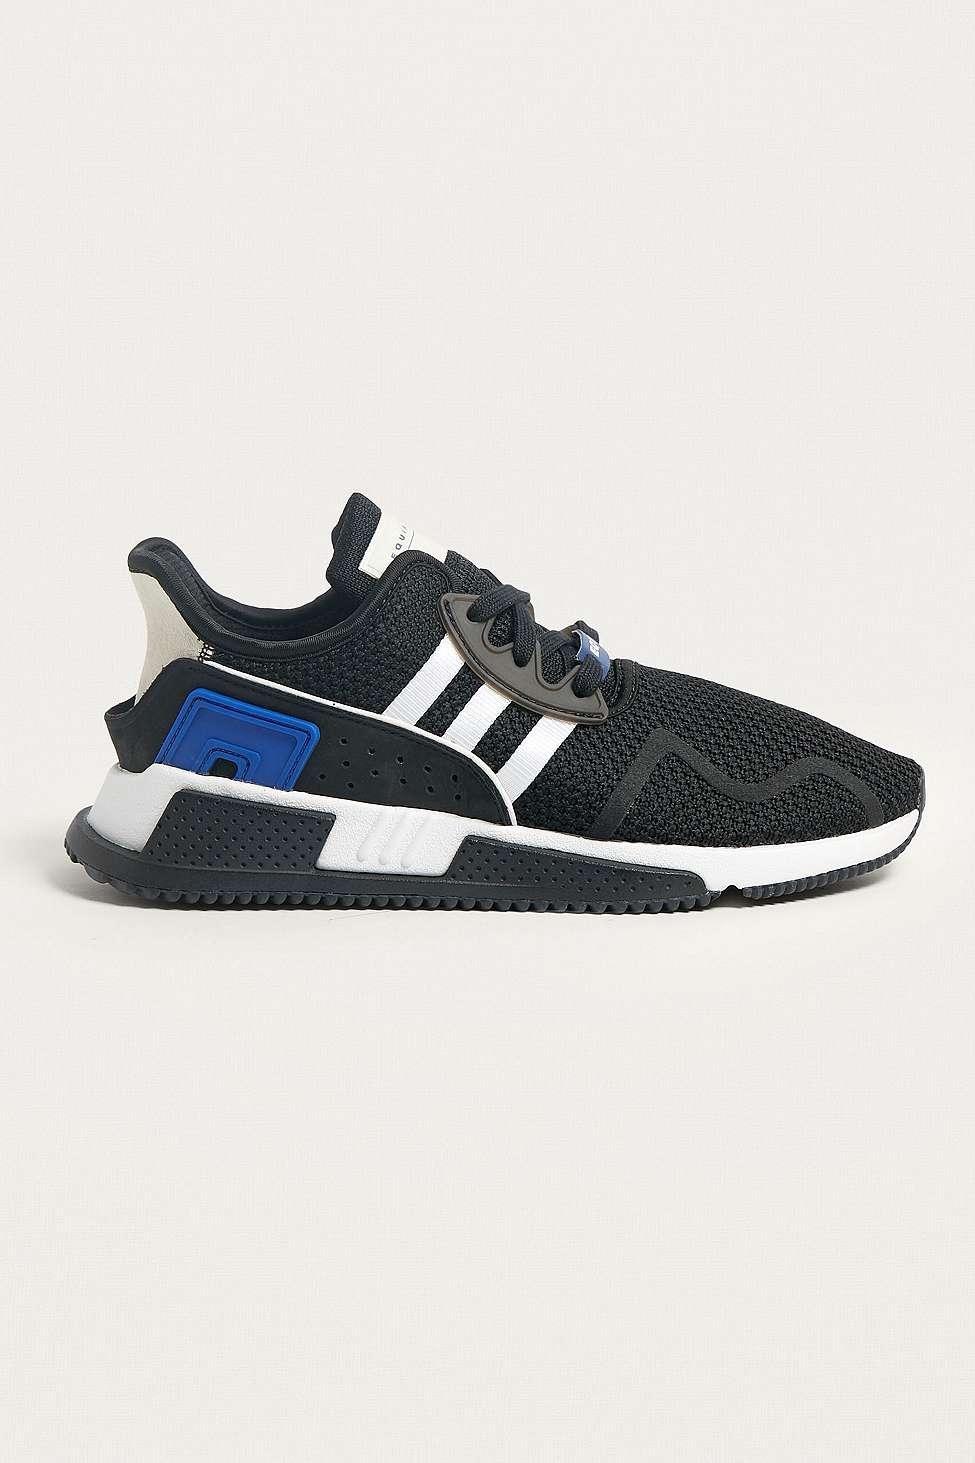 Adidasbaskets EQT Cushion ADV